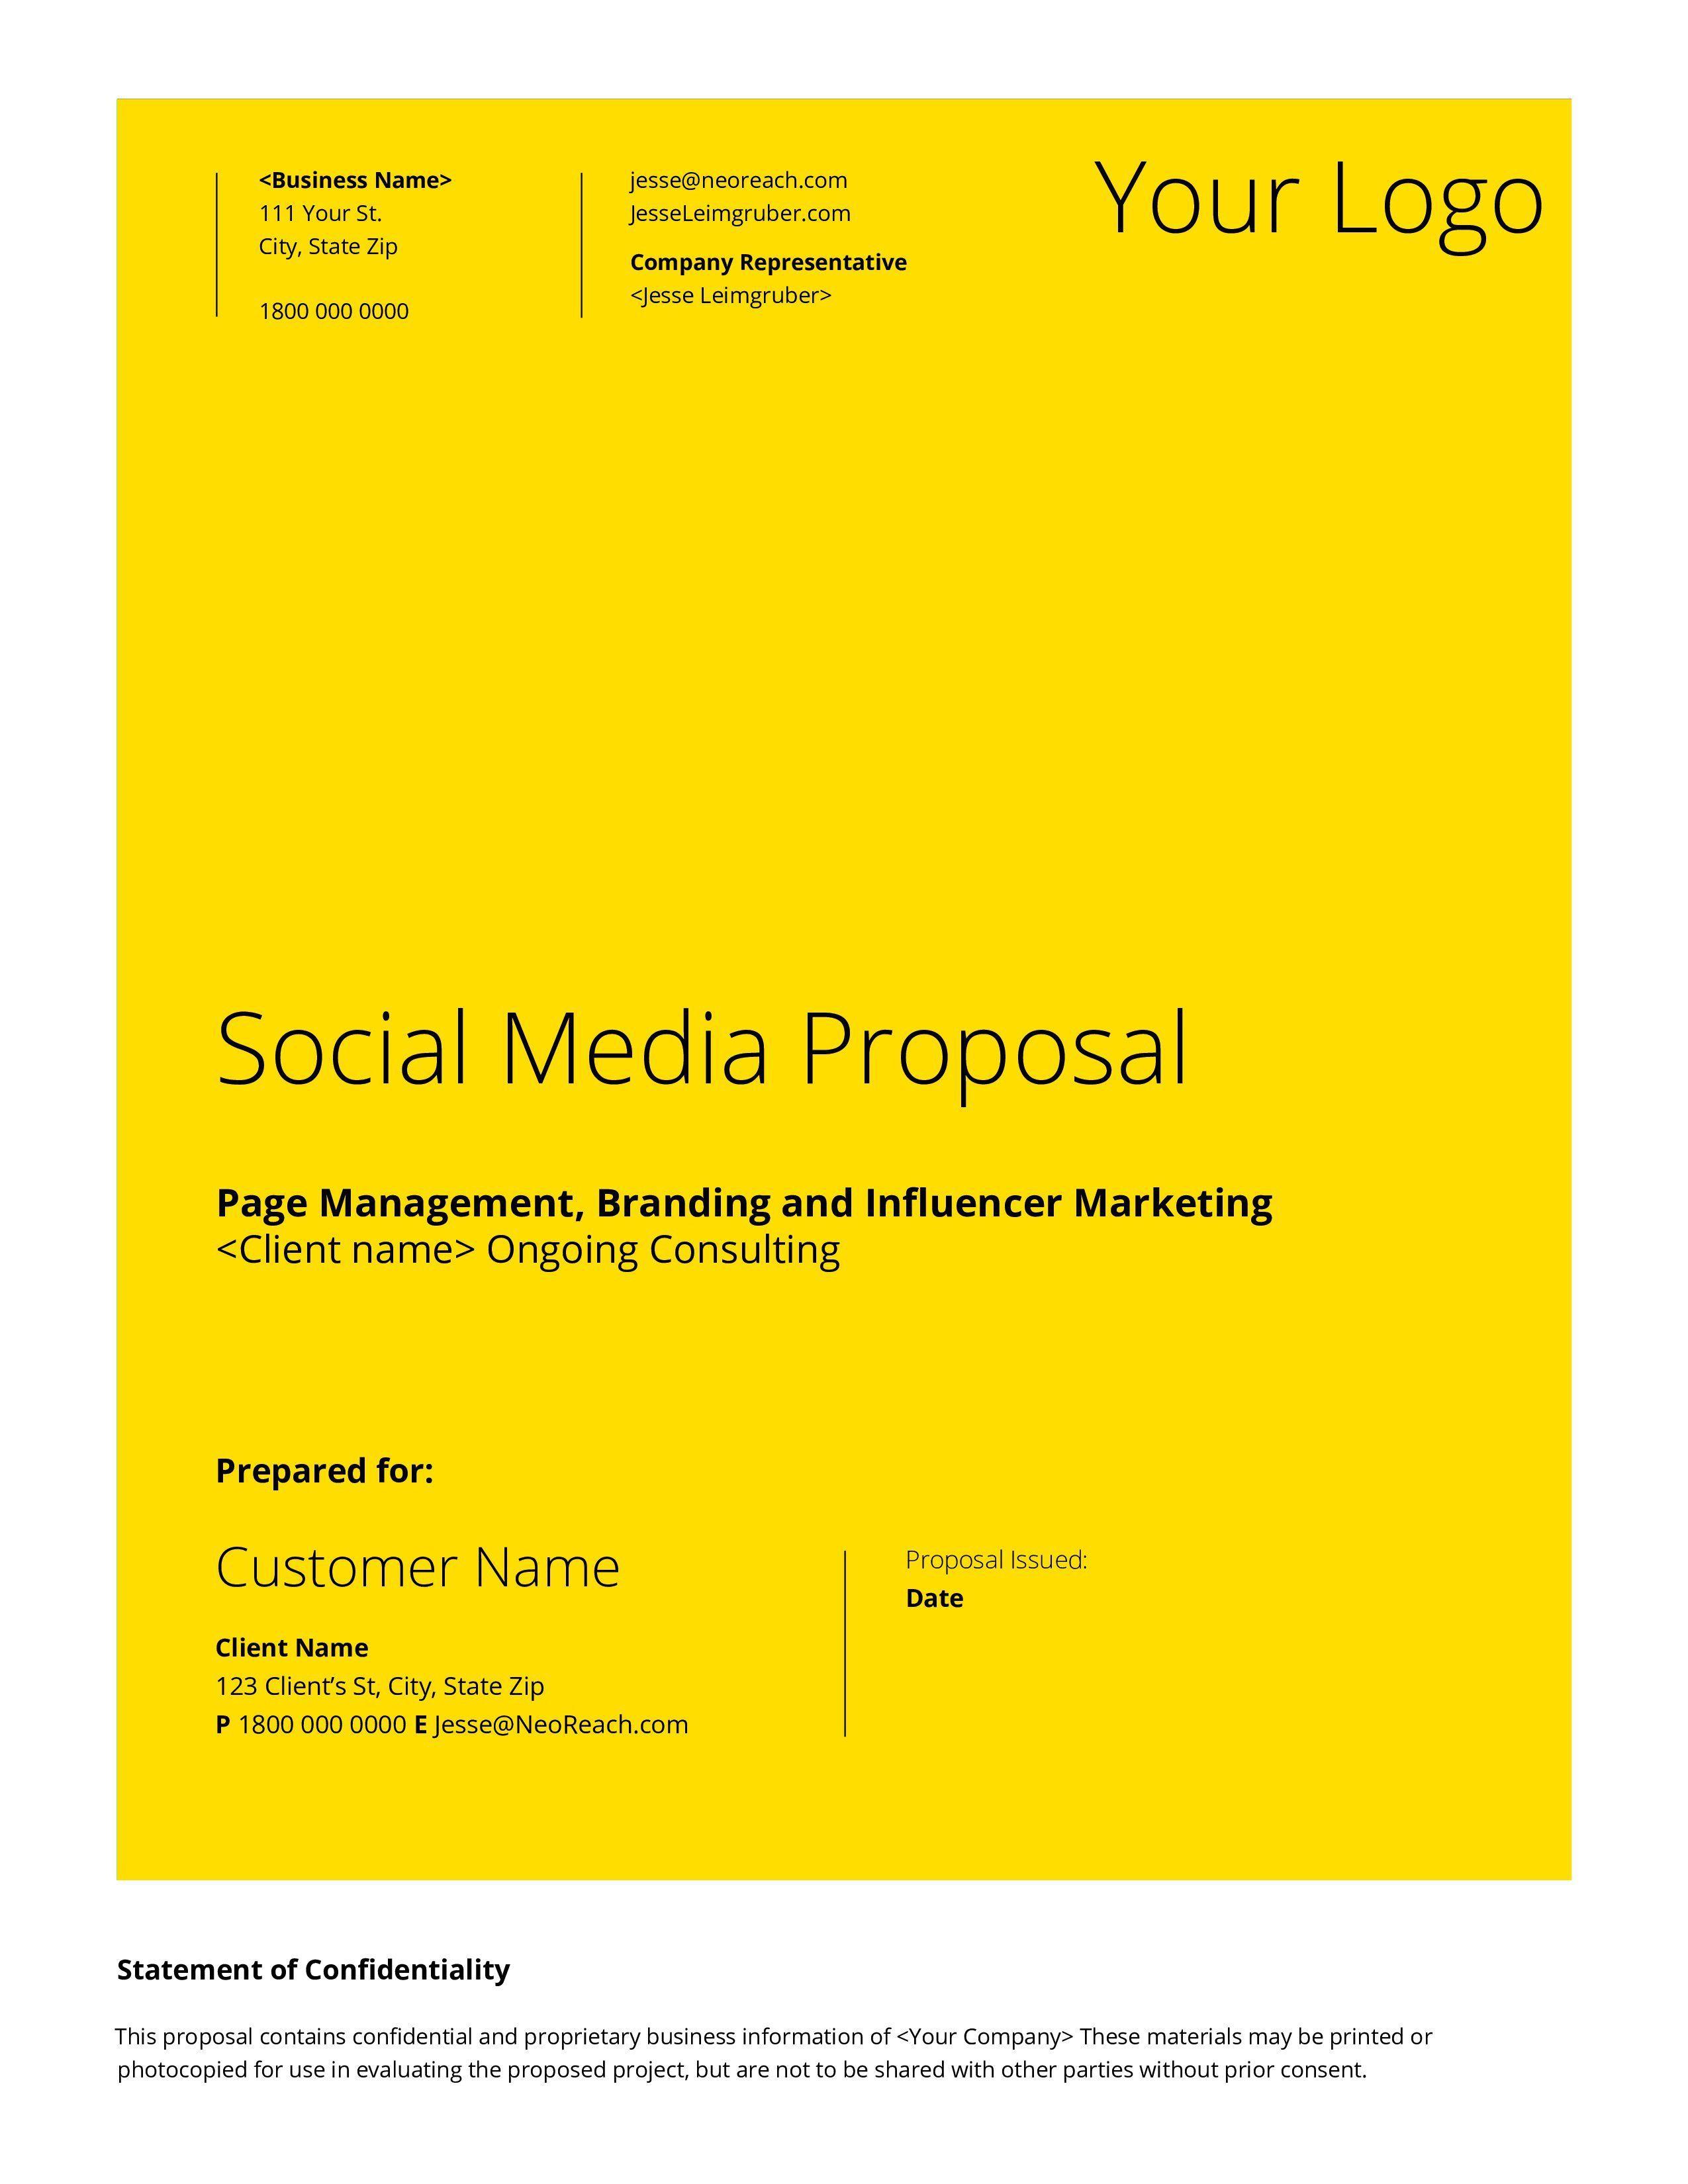 008 Frightening Social Media Proposal Template 2019 Inspiration Full